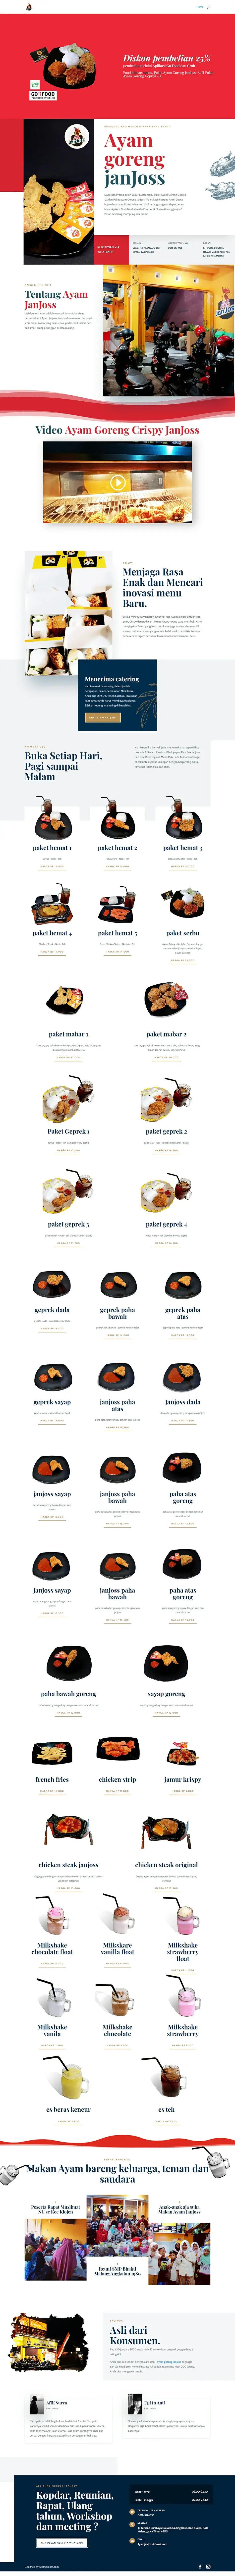 Contoh Jasa Landing Page Restoran dan Catering Ayam bisa pesan menggunakan aplikasi go food dan Grab dan menerima Catering dengan nasi kotak